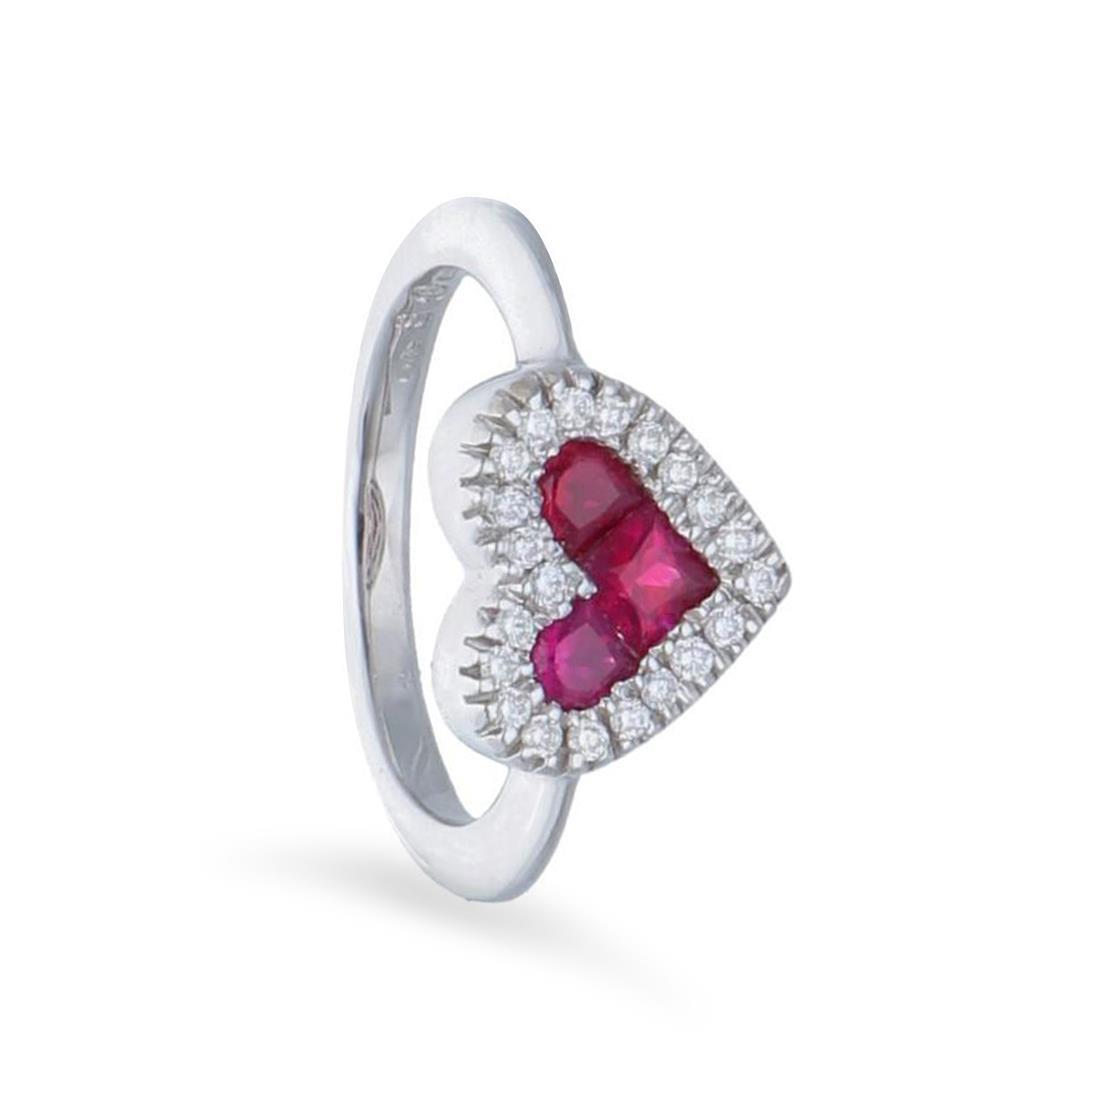 Anello con diamanti e rubino - ALFIERI & ST. JOHN